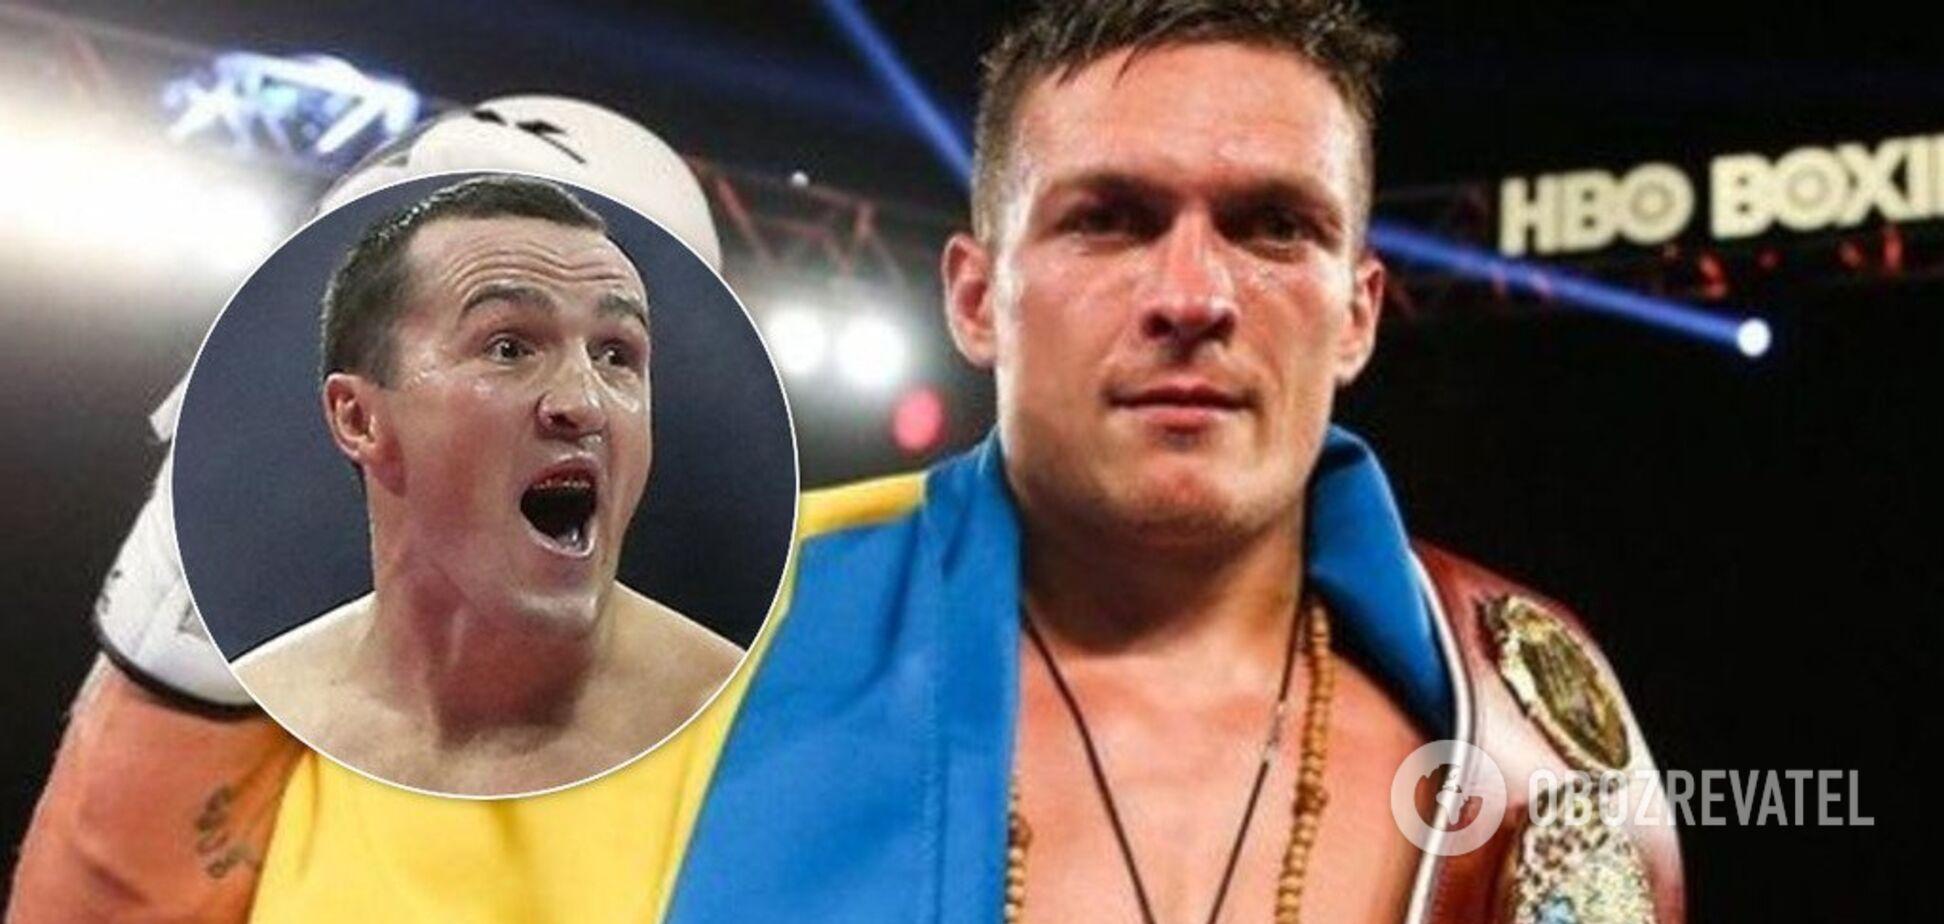 Усика позбавлять чемпіонського пояса заради боксера з команди Путіна